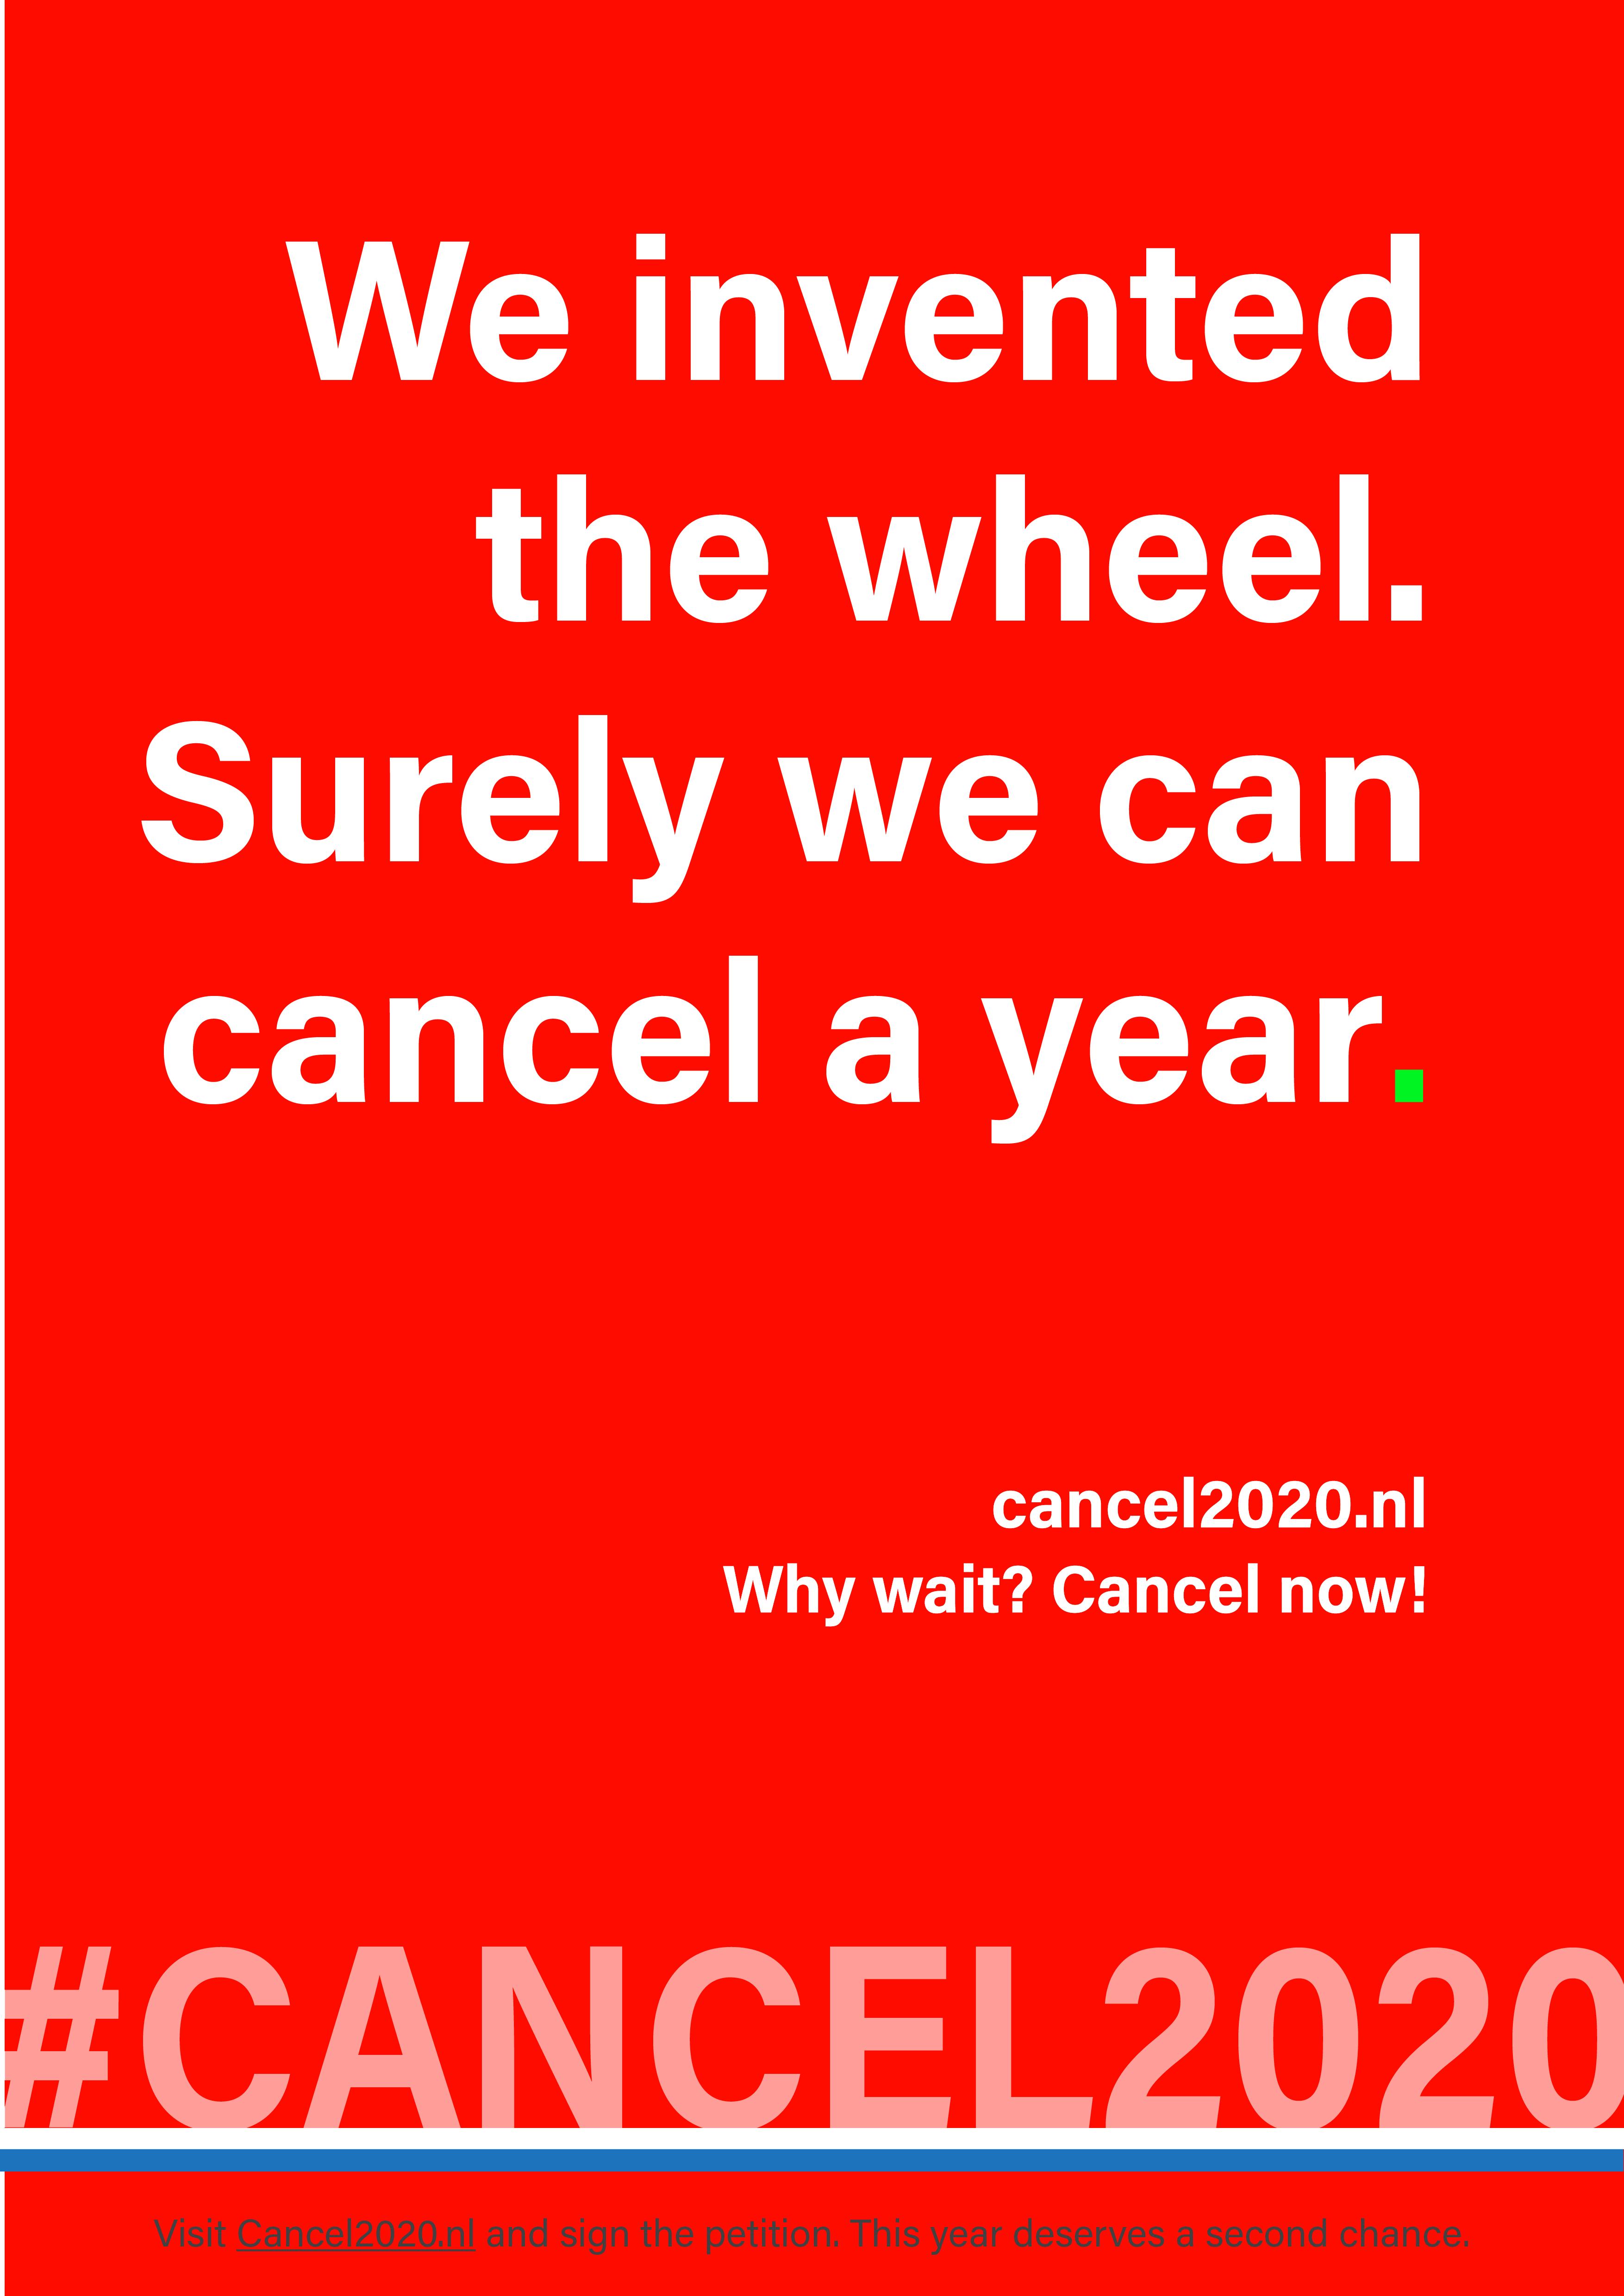 Cancel 2020 quotes-10